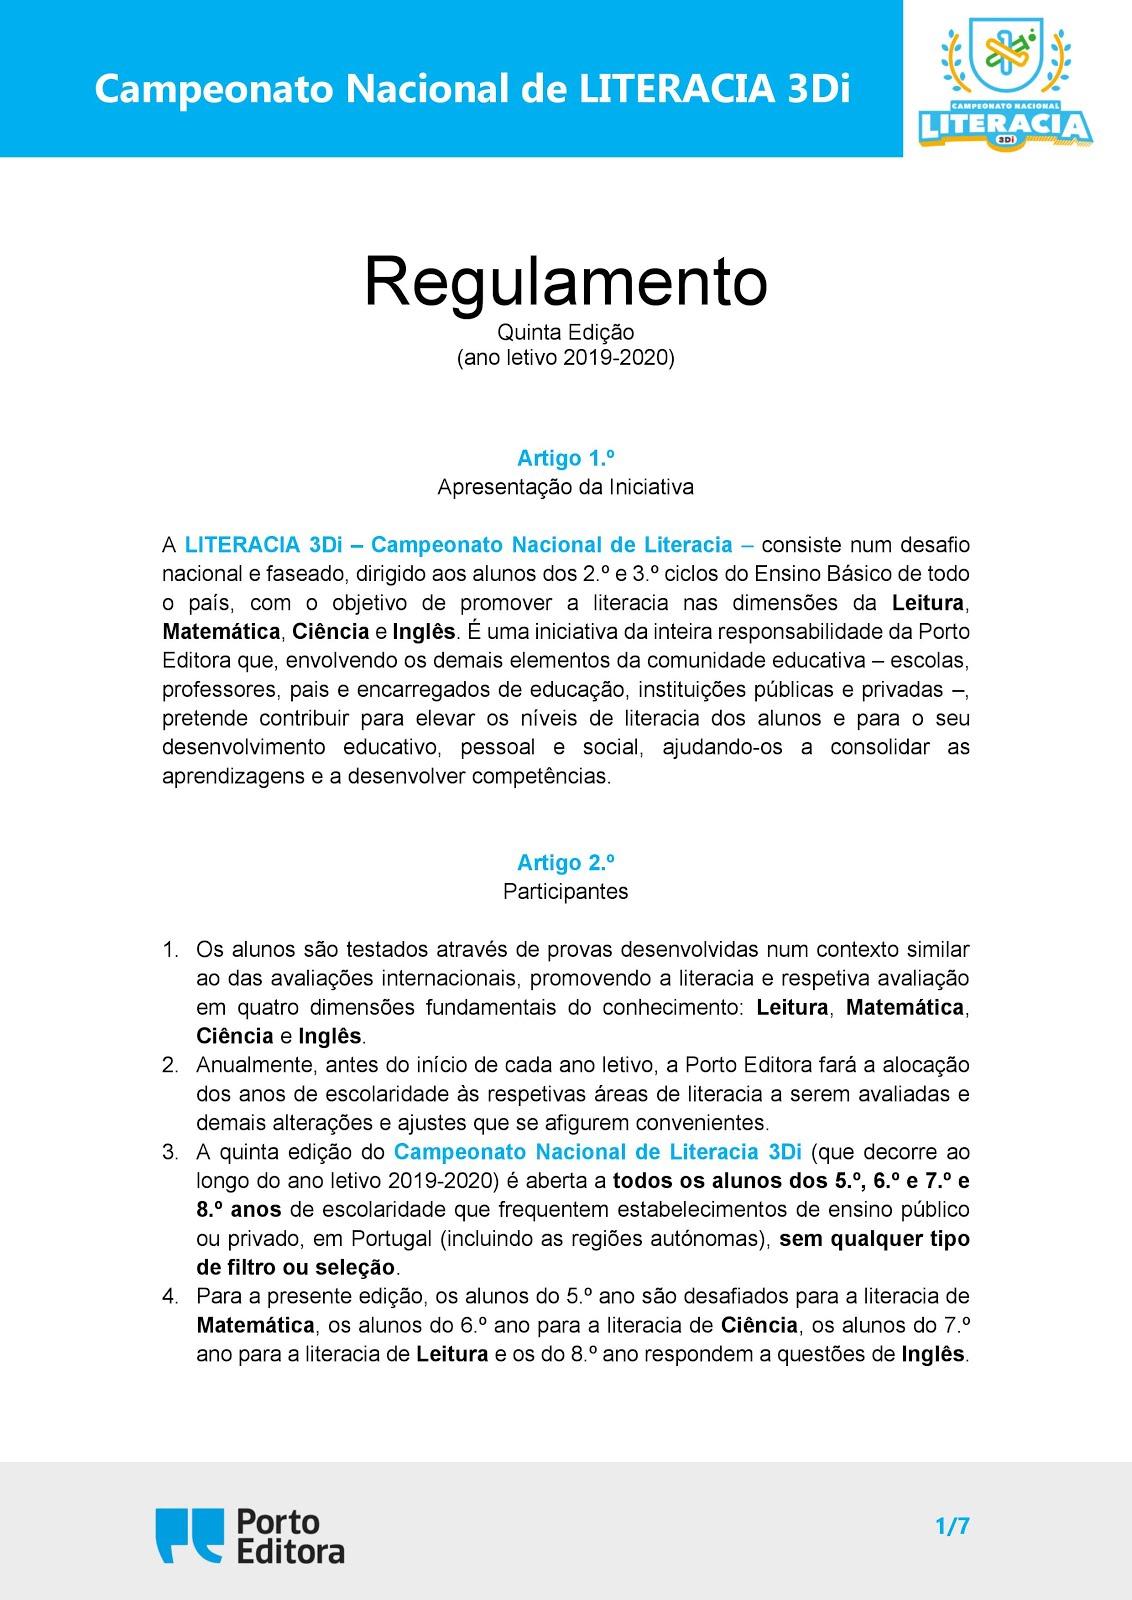 Concurso Nacional de Literacia 3Di -  2019/2020